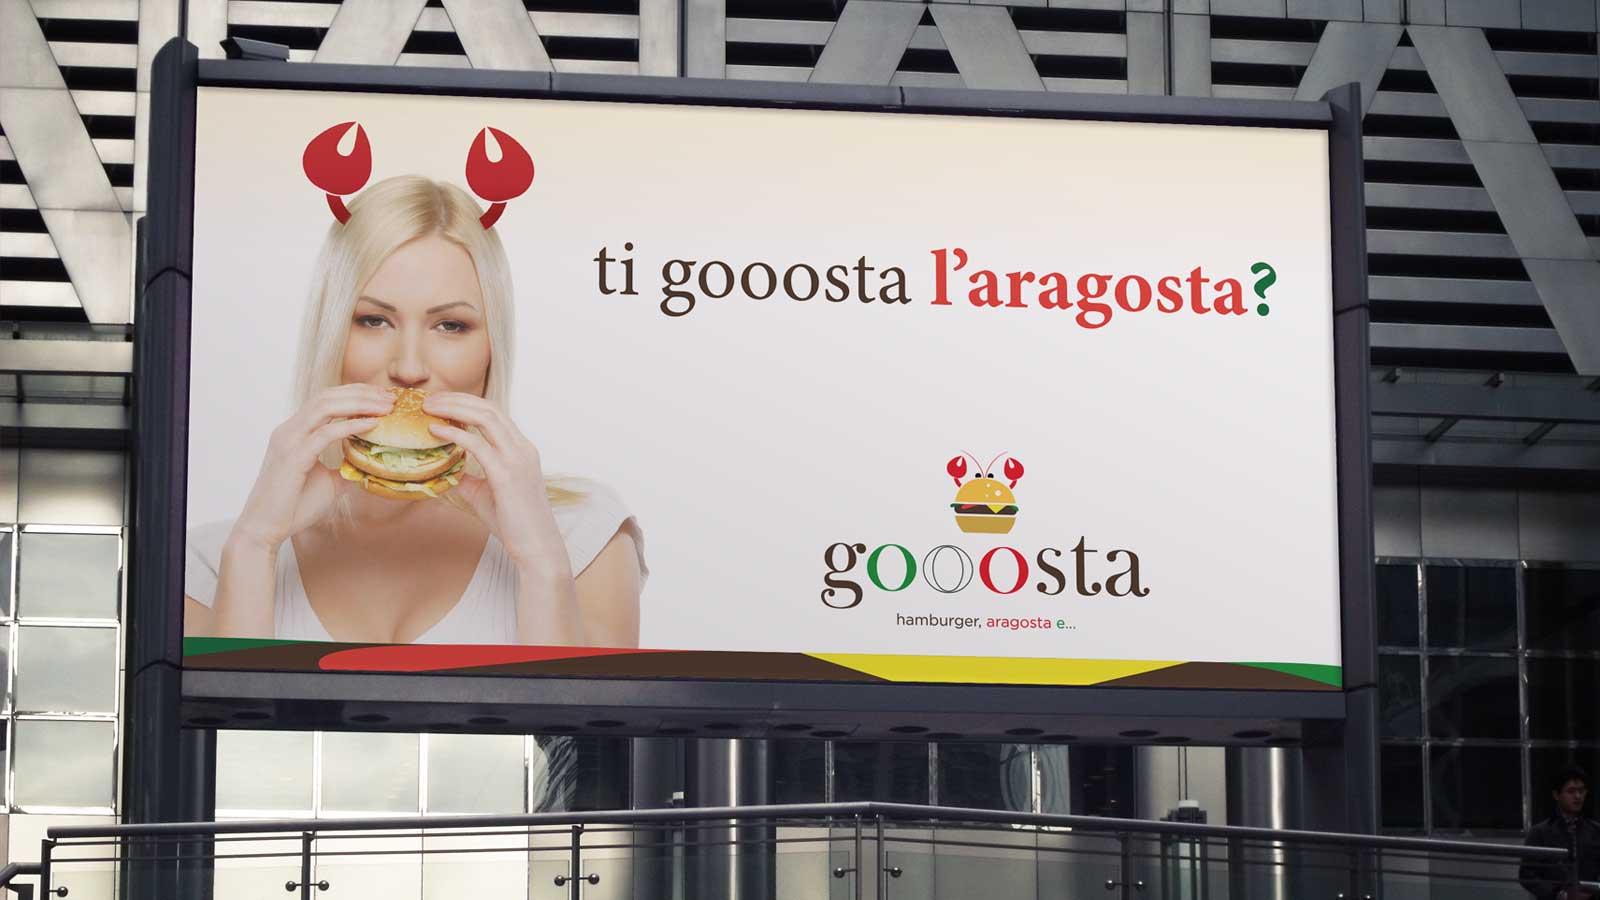 bisestyle-aragosta-gooosta-slider2